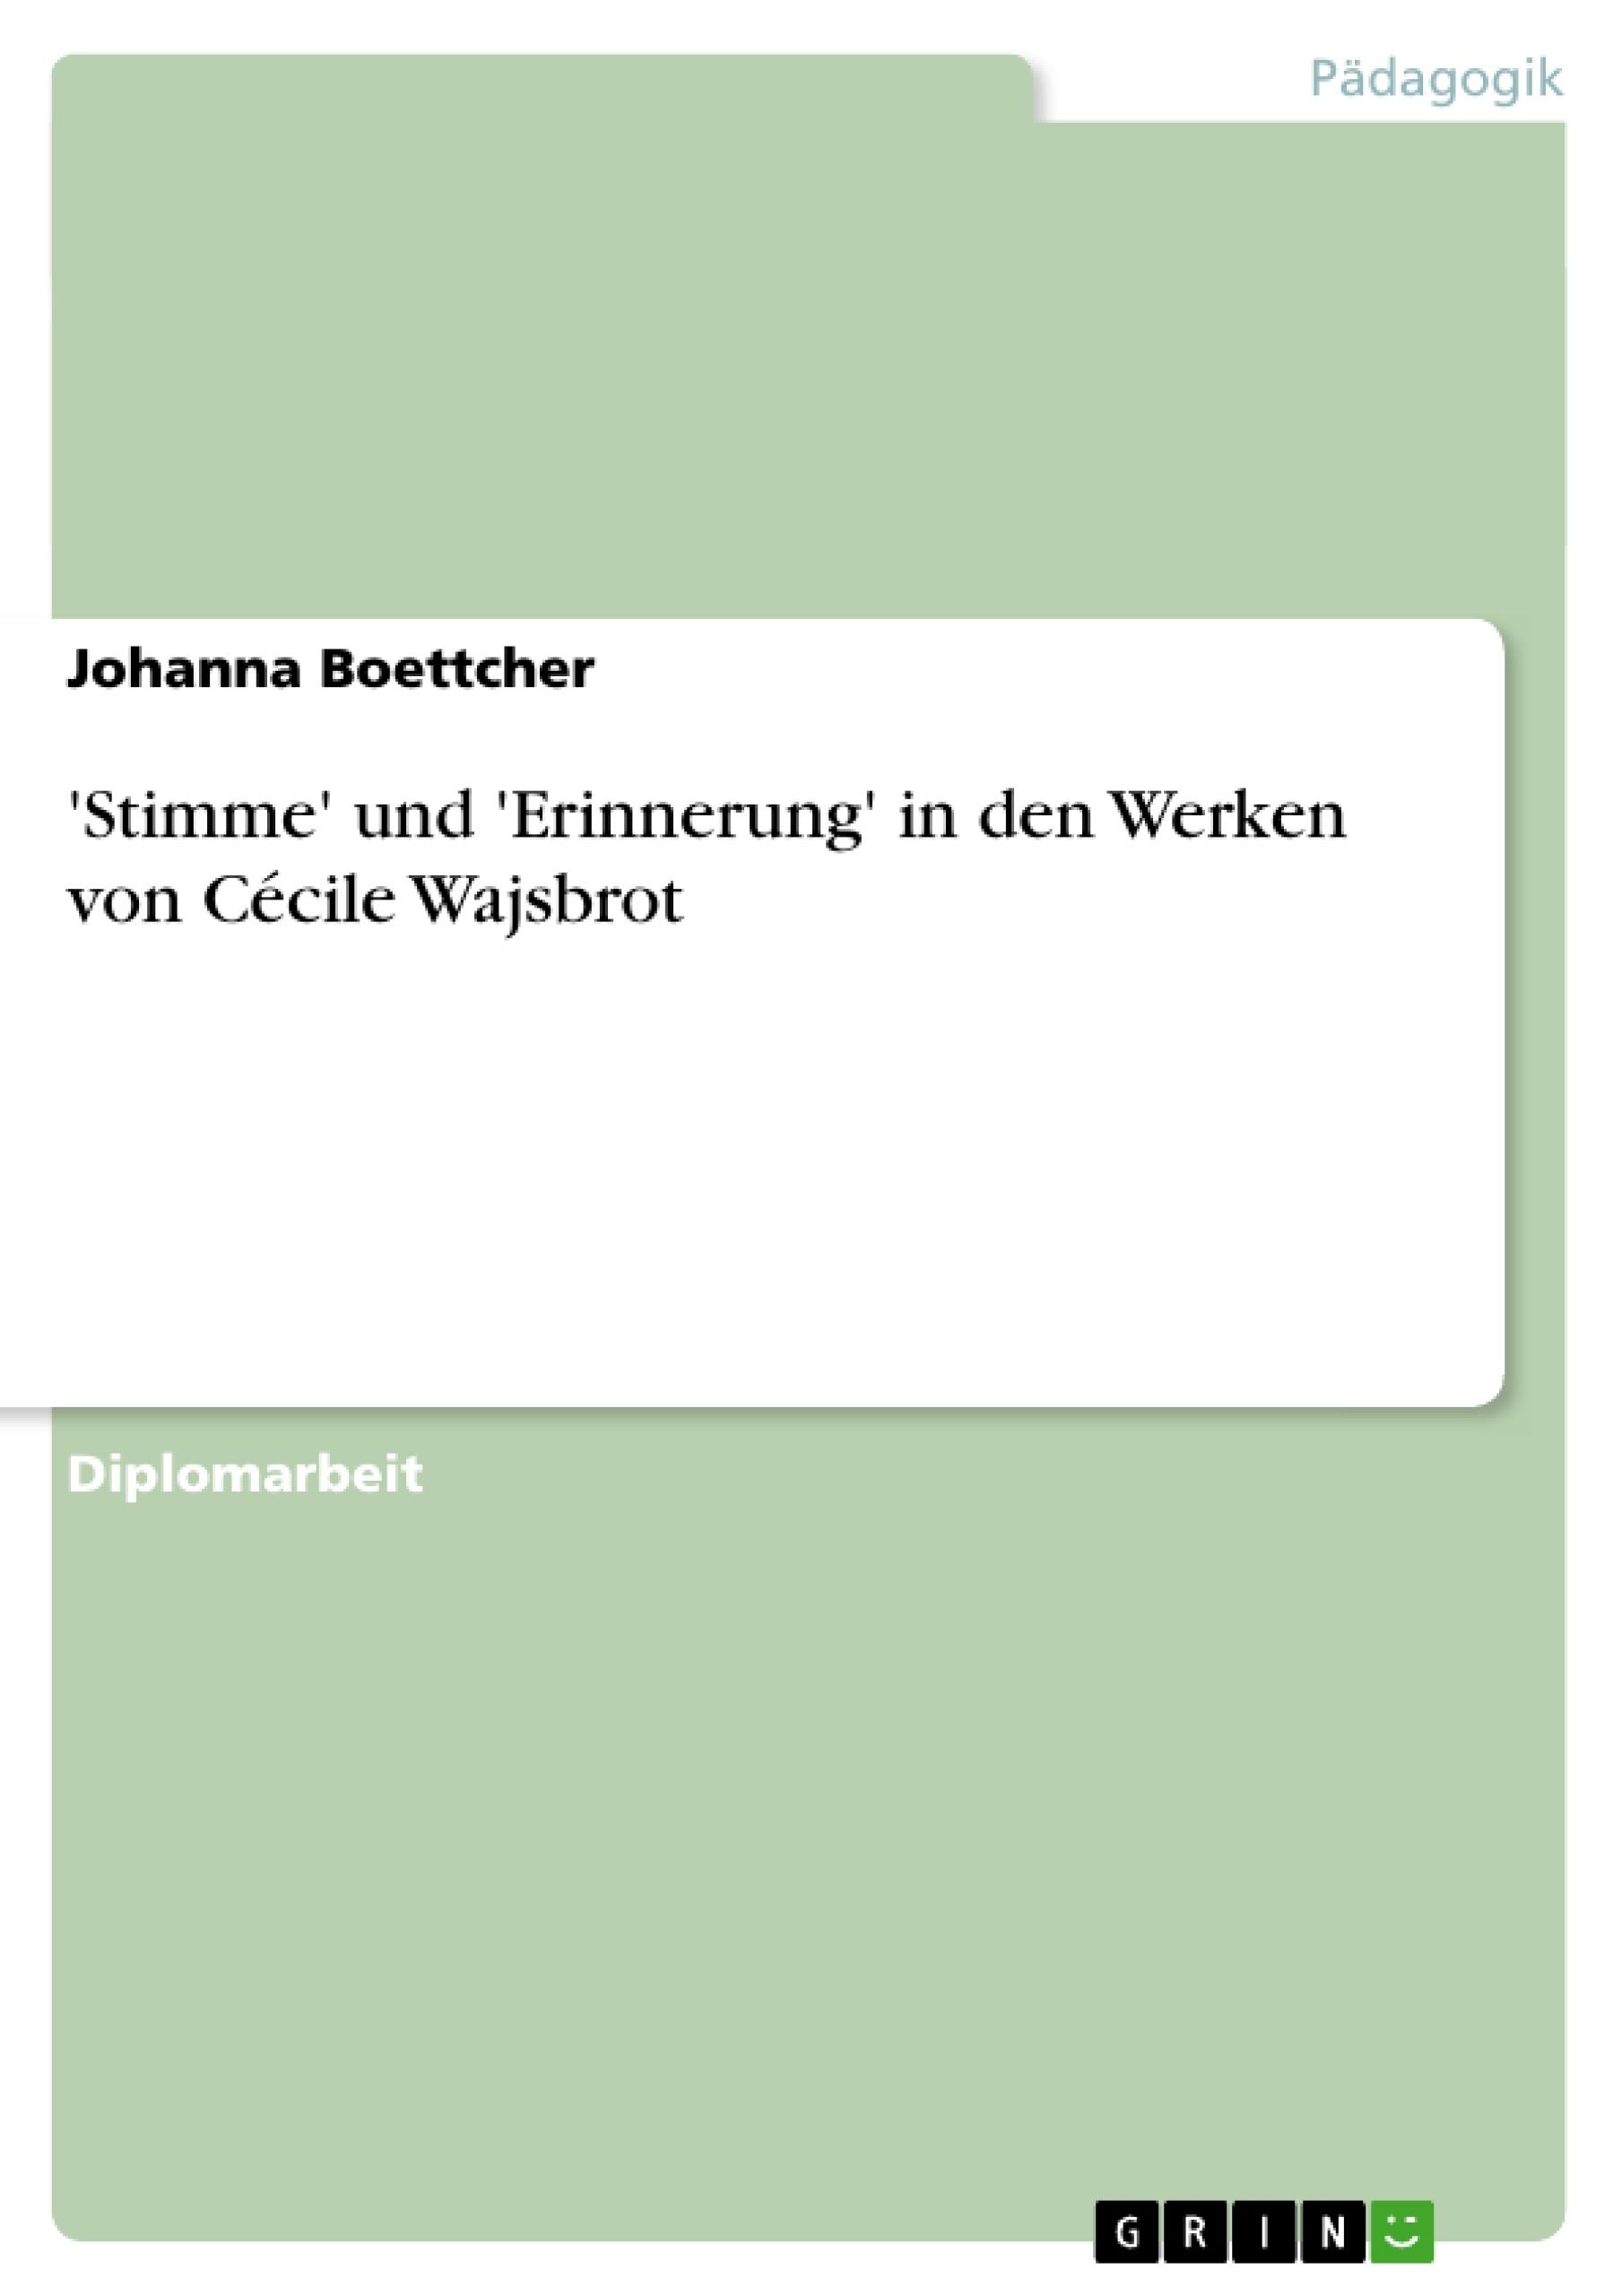 Titel: 'Stimme' und 'Erinnerung' in den Werken von Cécile Wajsbrot